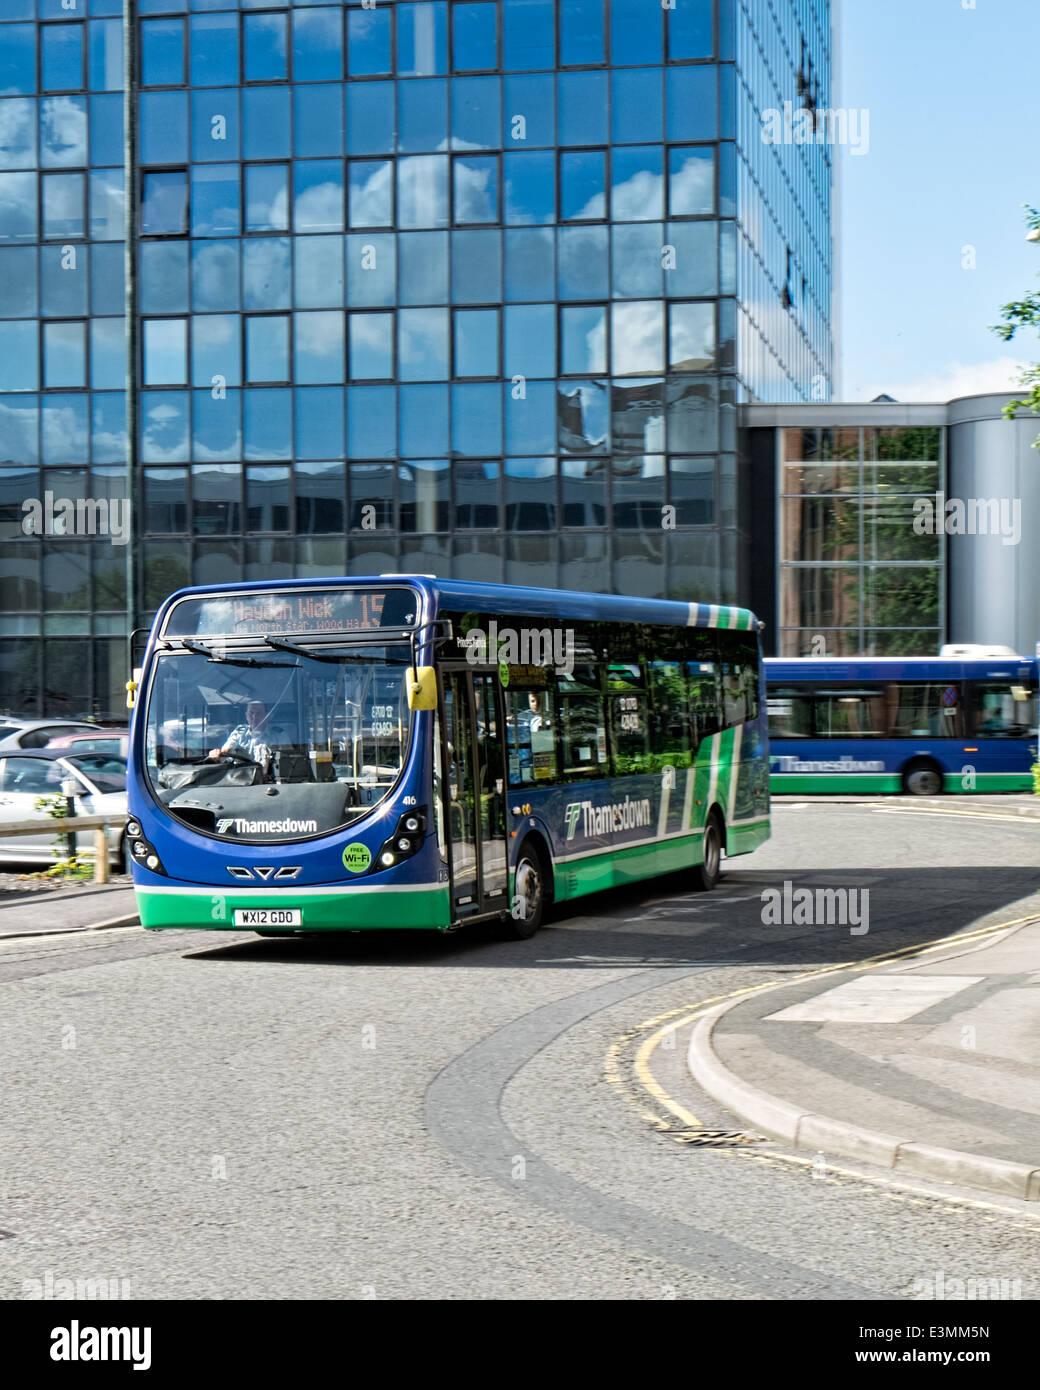 Un bus des transports Thamesdown réunissant les usagers dans le centre-ville de Swindon, Wiltshire, Royaume Photo Stock